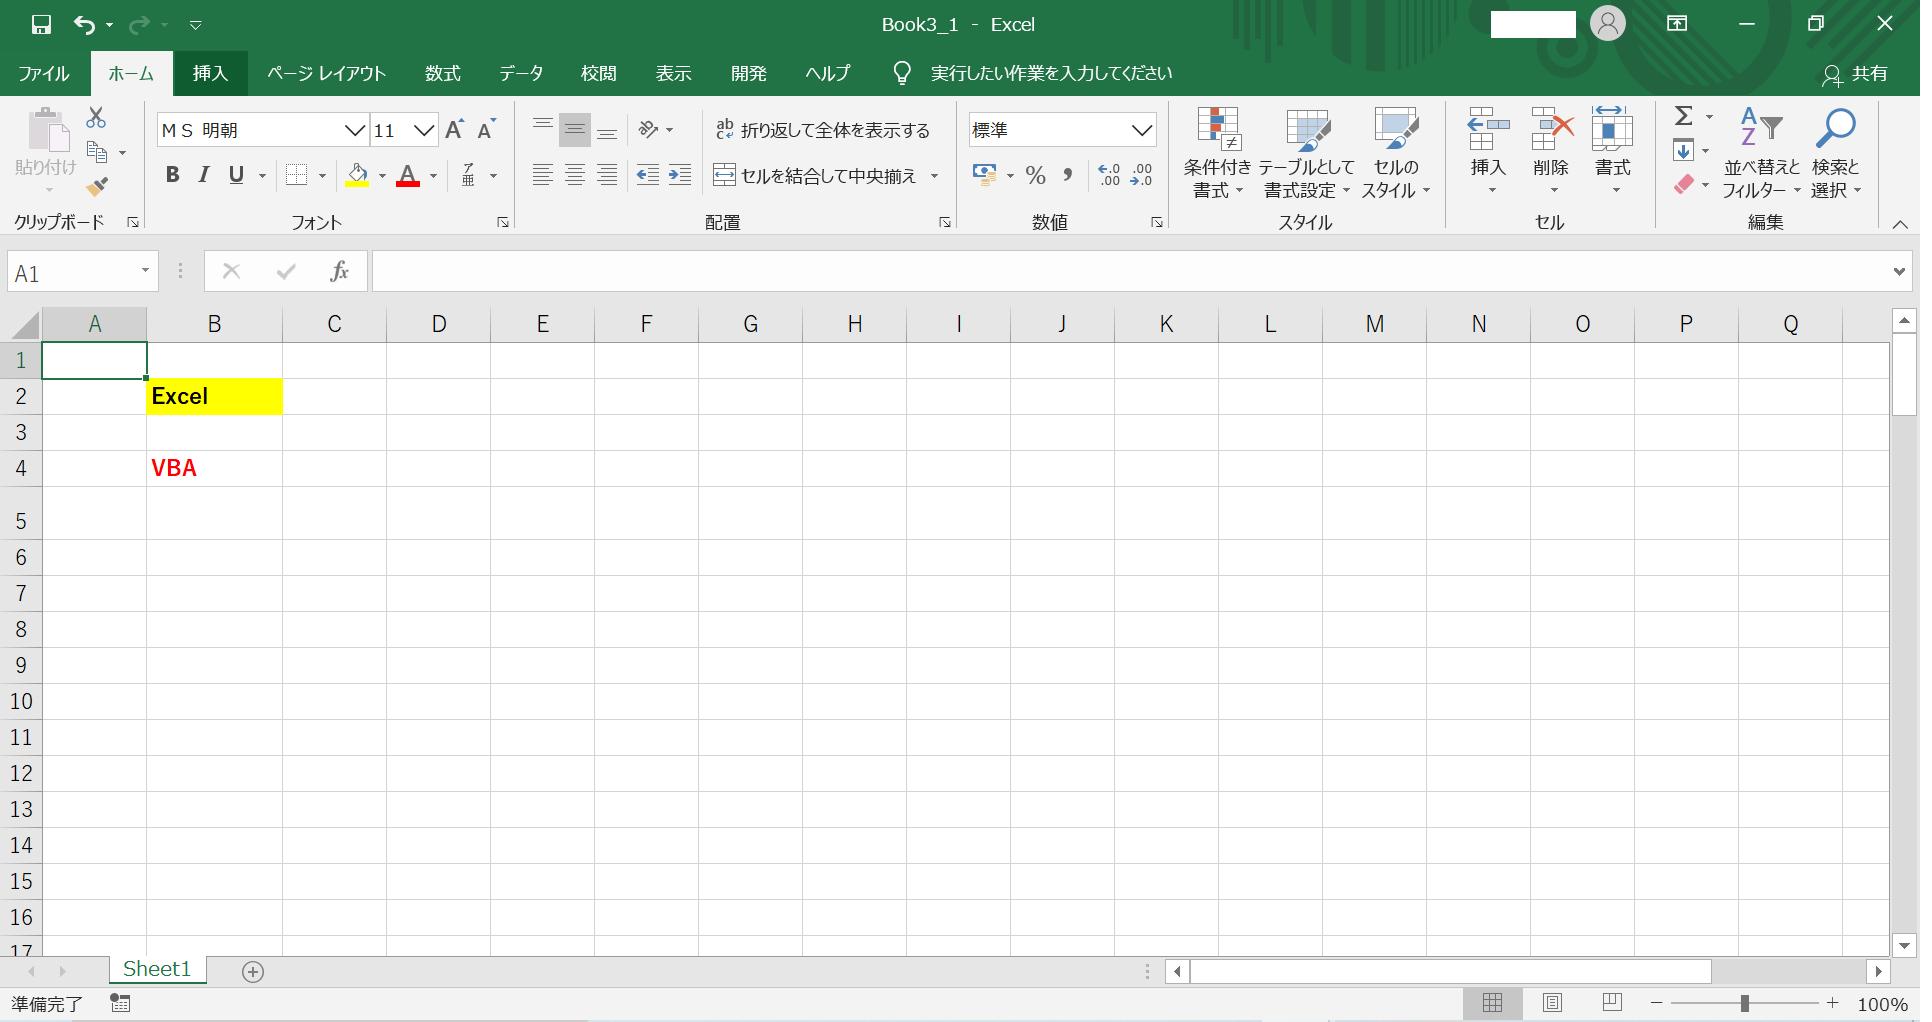 Excelにおけるフォントのカラー変更やセルの塗りつぶしの例